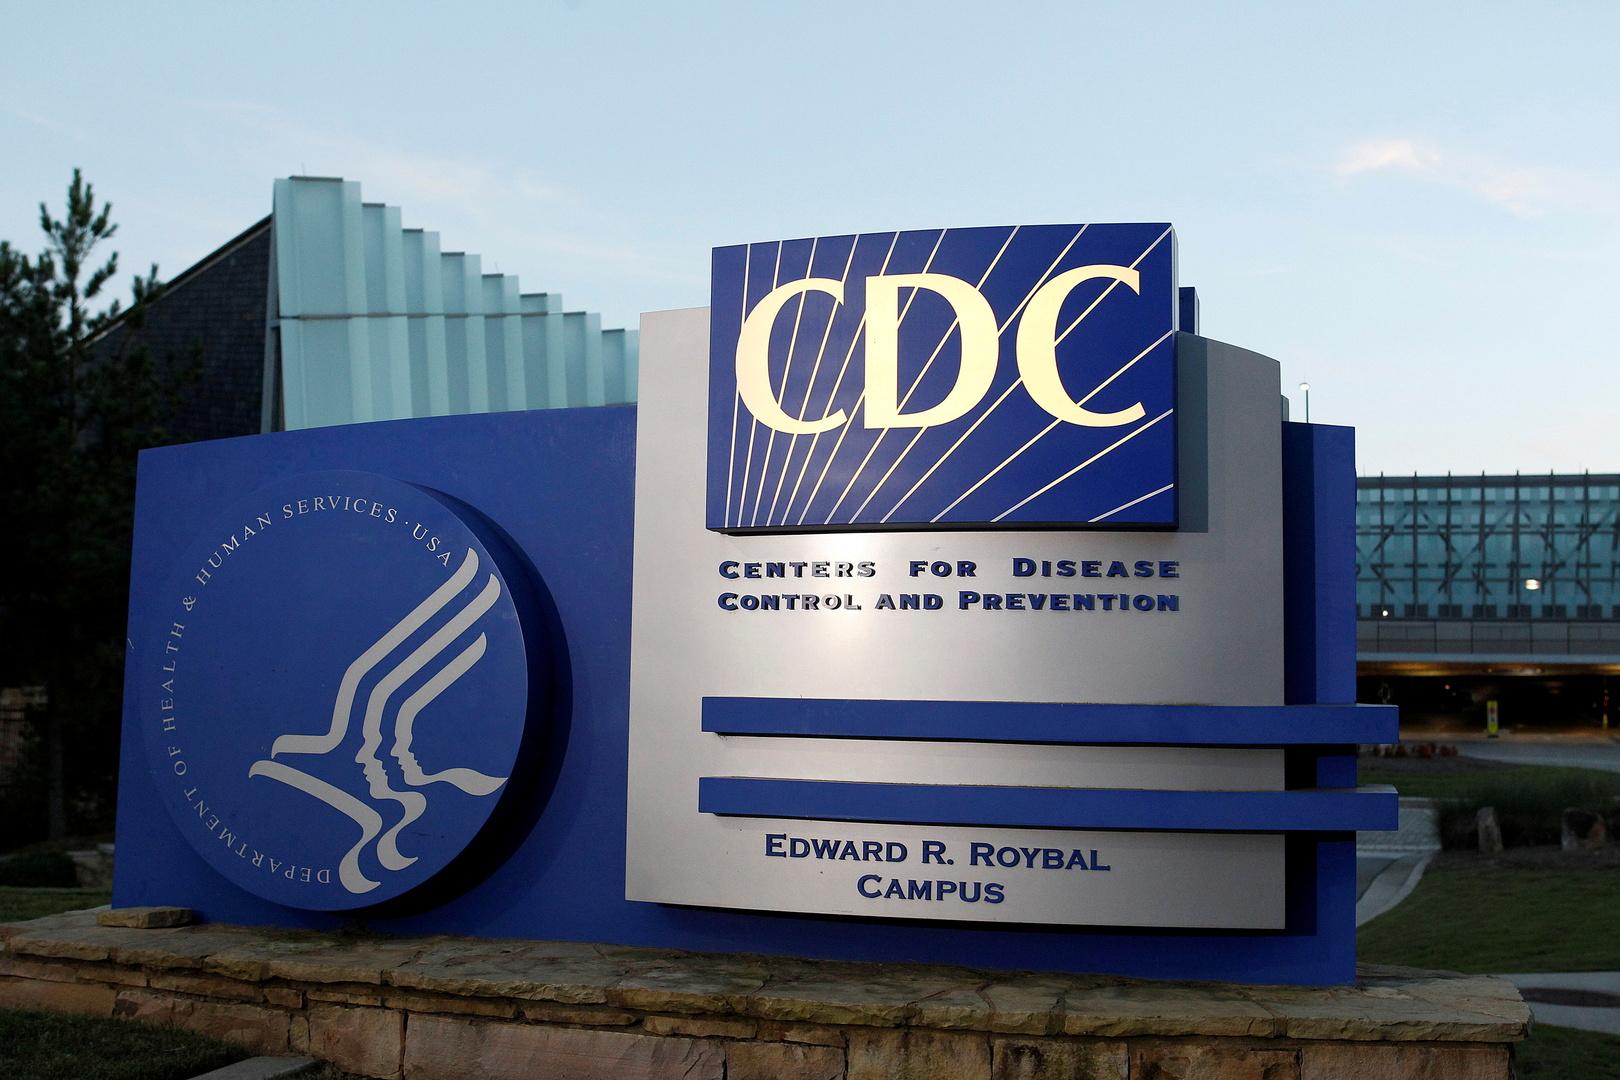 مركز مكافحة الأمراض والوقاية منها في الولايات المتحدة